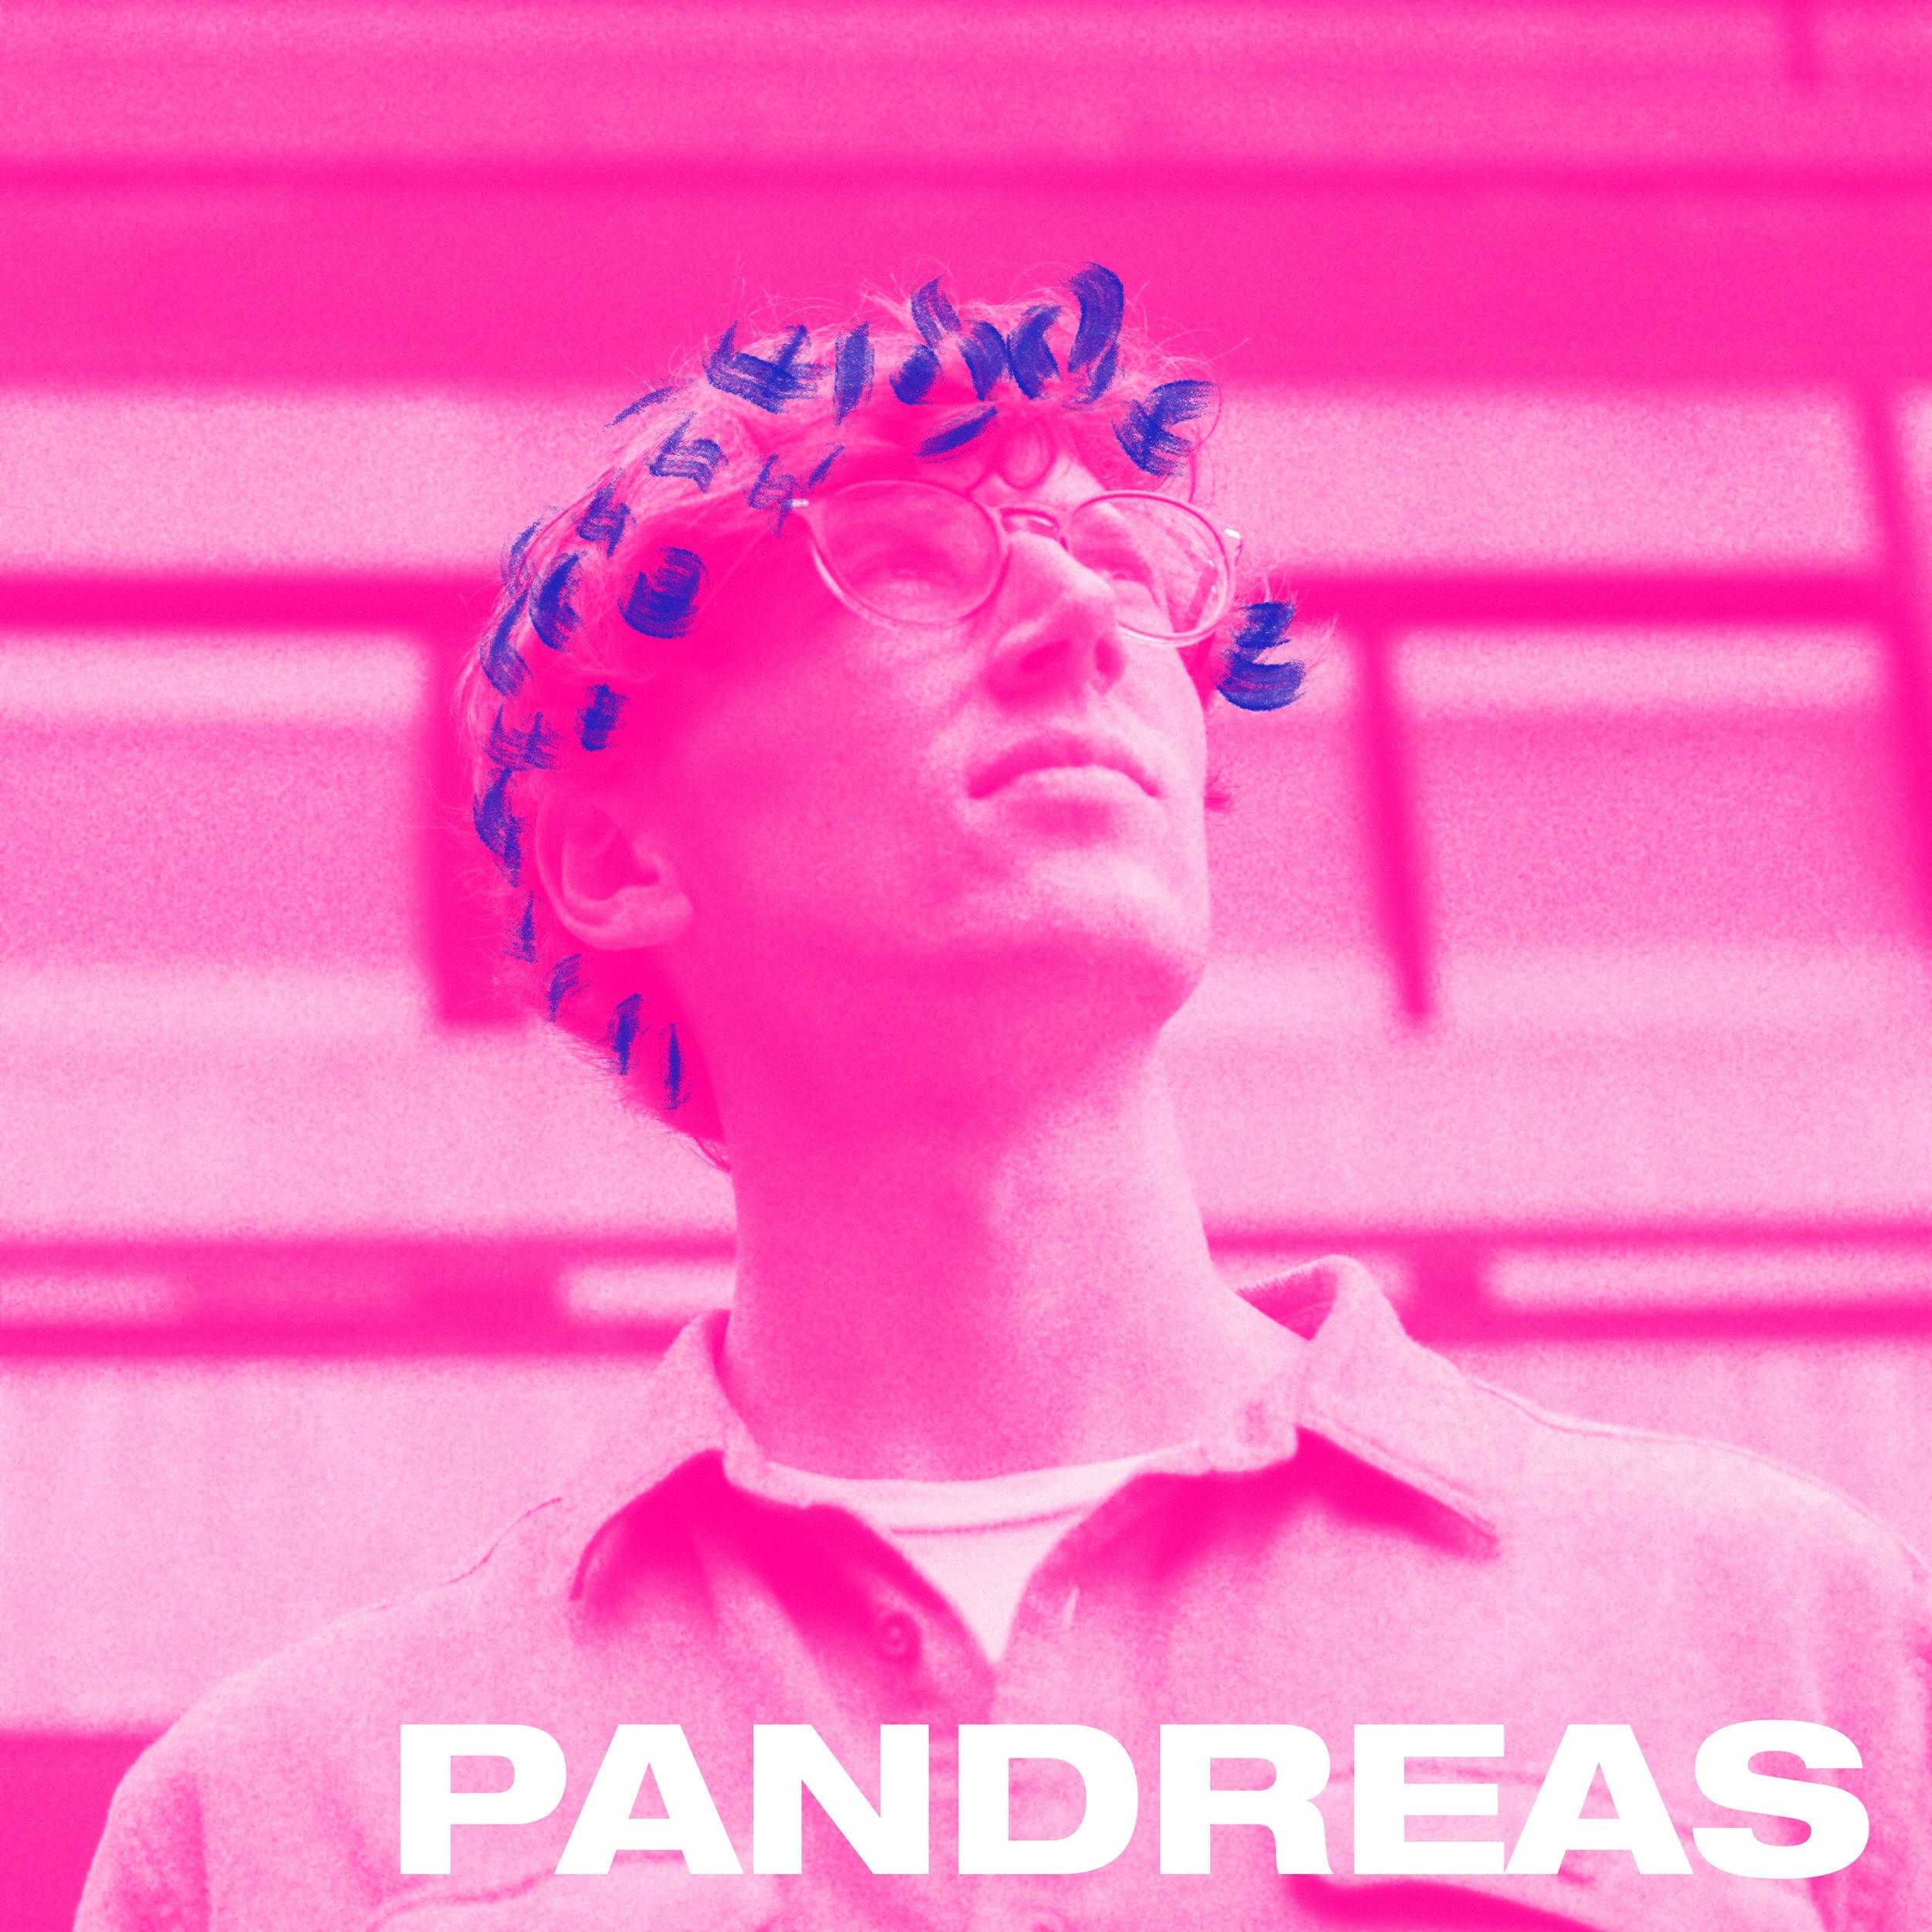 Pandreas er en DJ og produsent basert i Bergen. Han beveger seg hovedsakelig innenfor house og techno. Britiske Mixmag var fulle av lovord for Pandreas' EP som tidligere i år, og i høst er han aktuell med enda mer ny musikk.